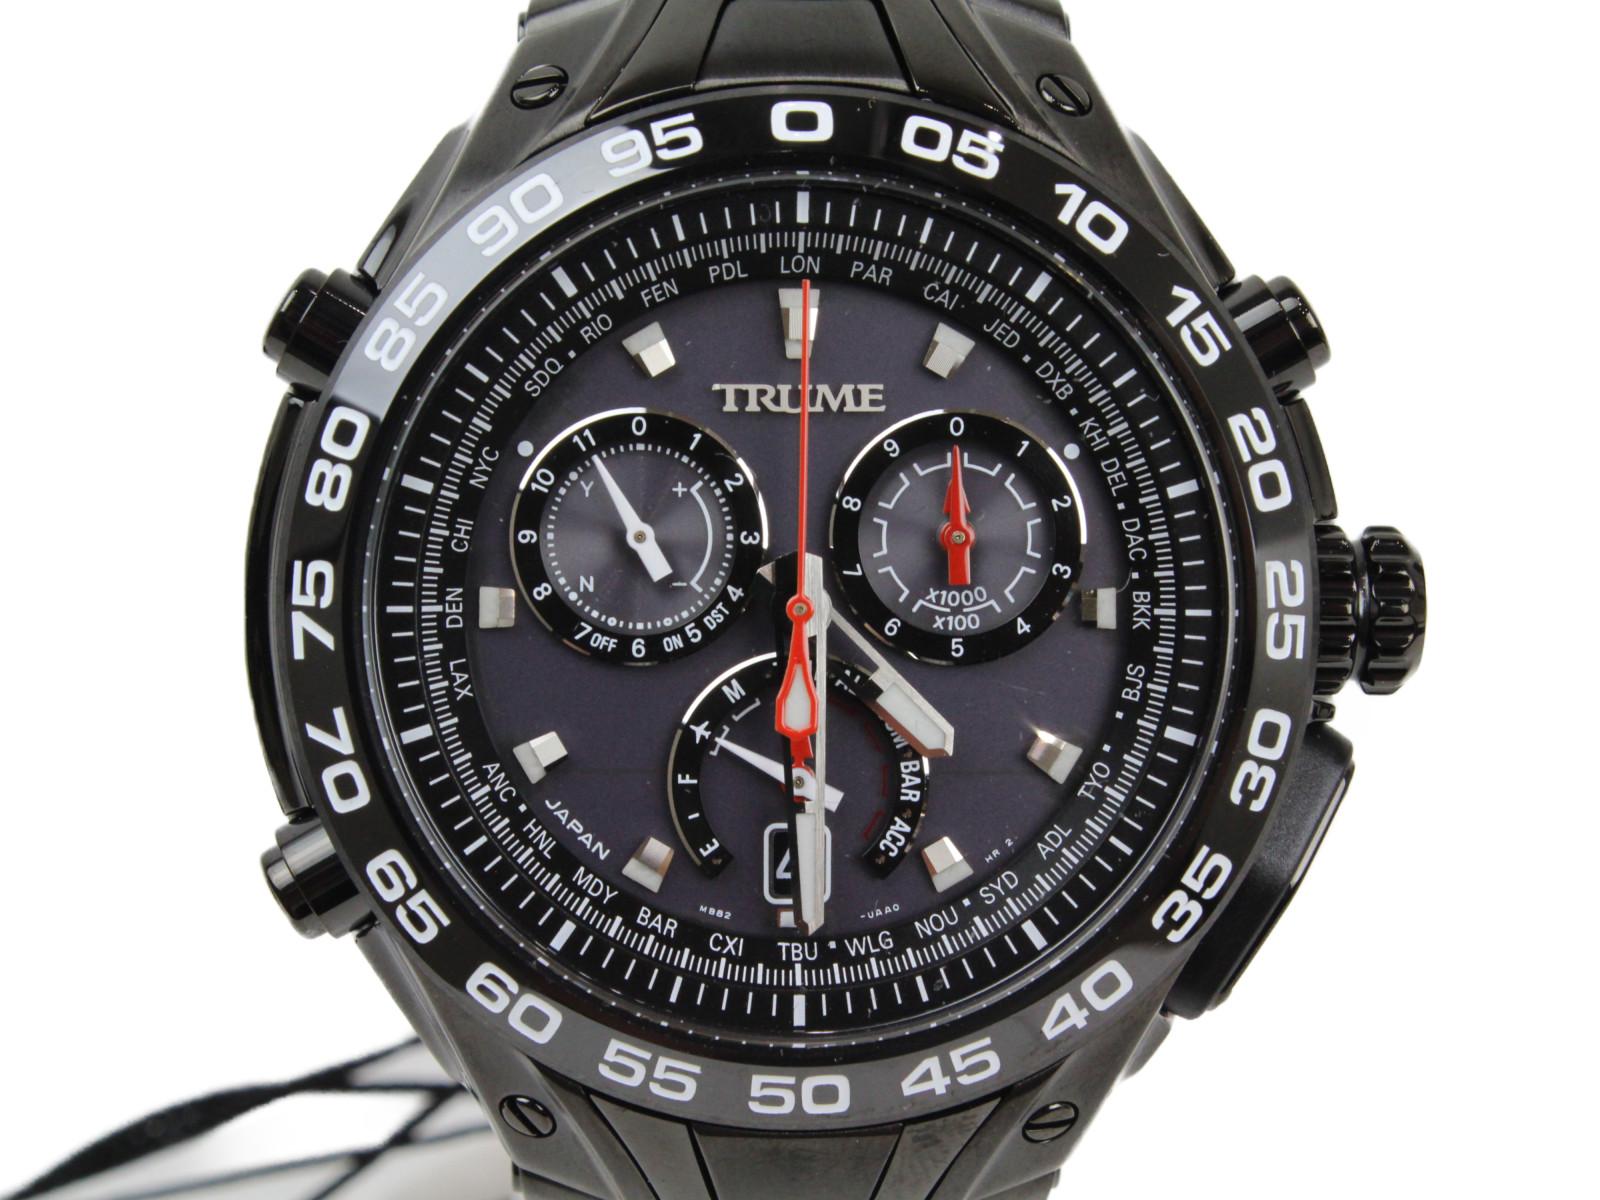 EPSON エプソン TRUME トゥルーム TR-MB8002 ソーラー チタン クロノグラフ デイト ブラック メンズ 腕時計【中古】